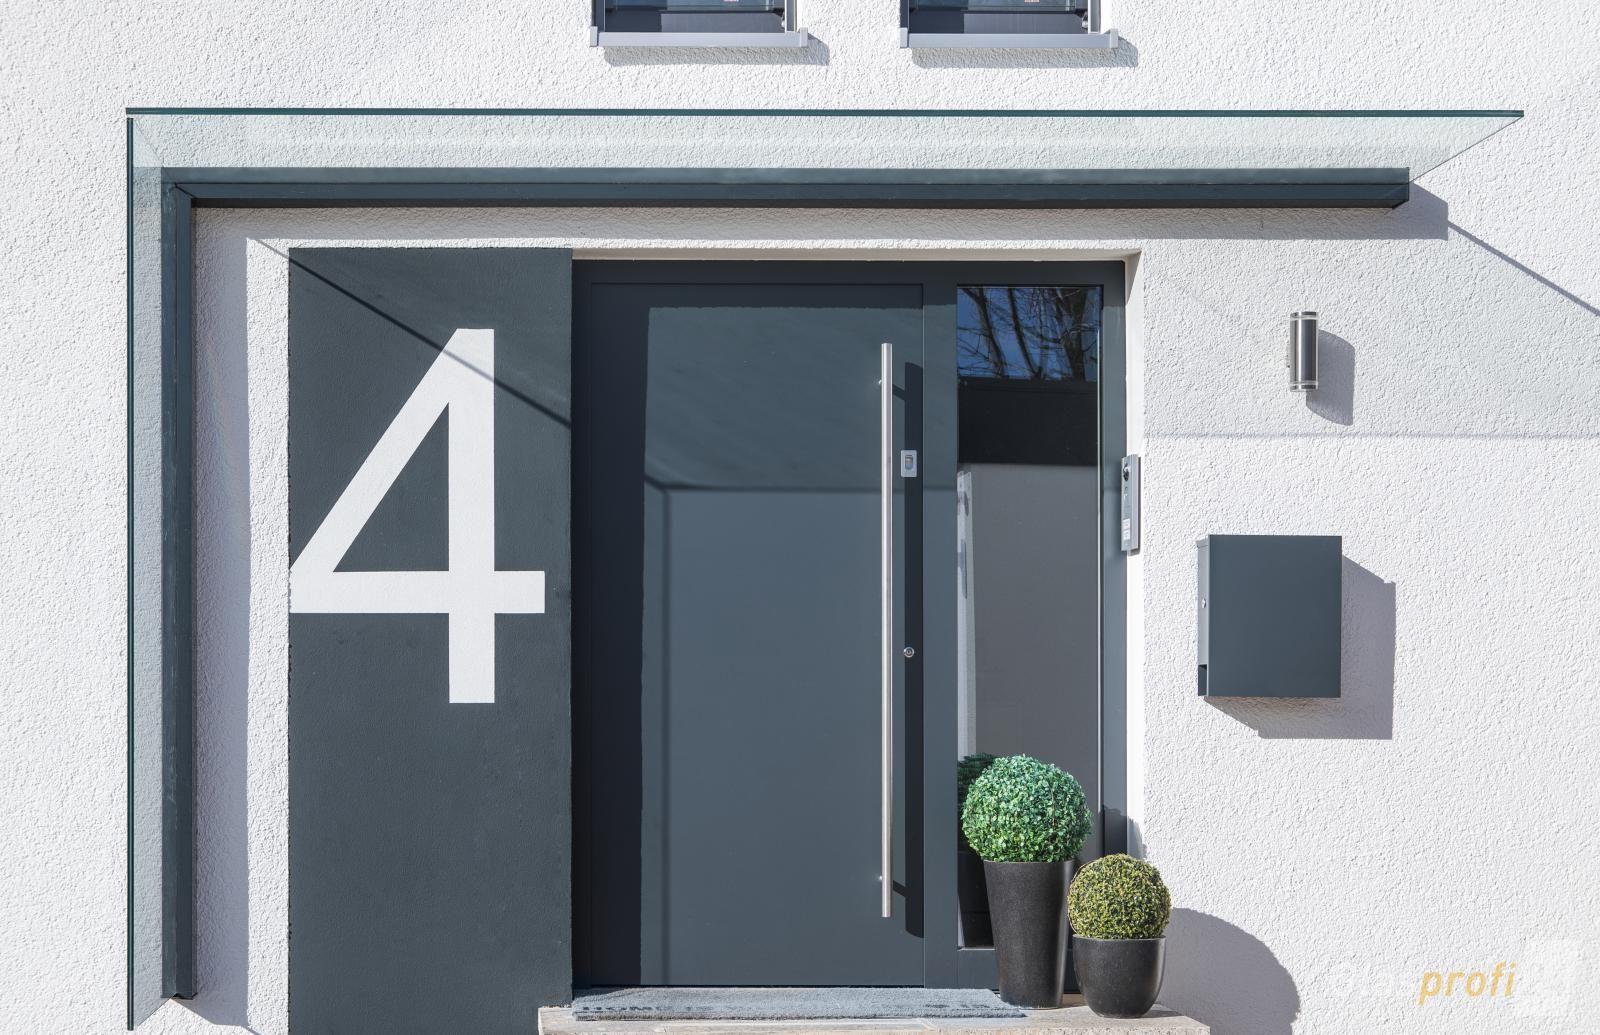 exklusives design f r ihren eingang mit dem vordach duravento home. Black Bedroom Furniture Sets. Home Design Ideas